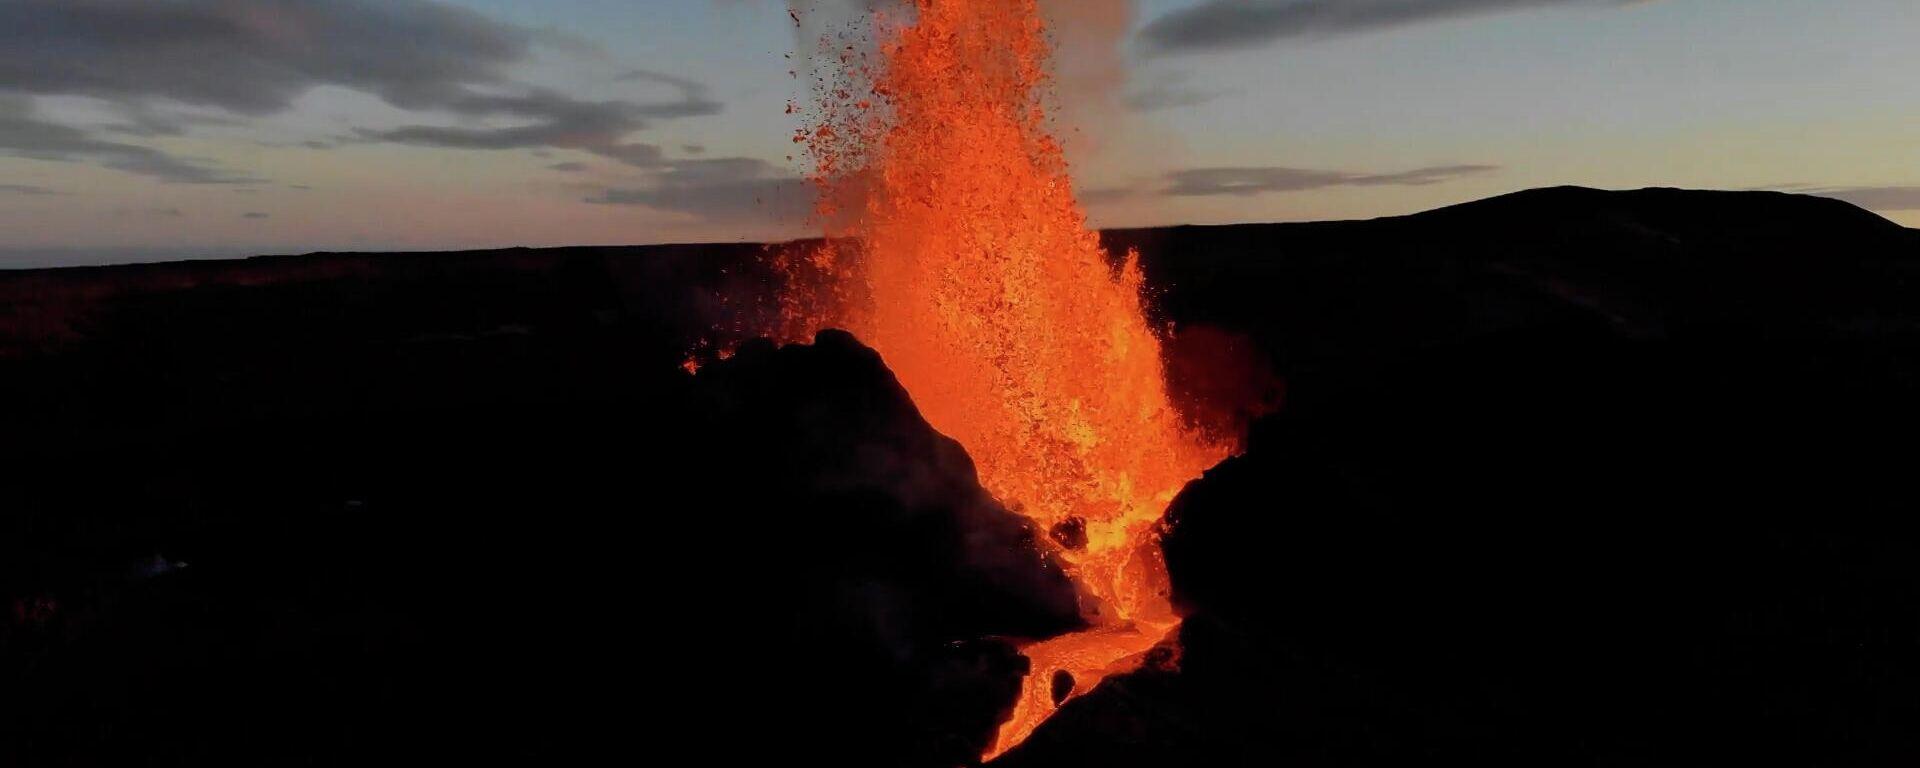 Εντυπωσιακό ηφαίστειο στην Ισλανδία εκτοξεύει τόνους λάβας, τέφρας και πέτρας - Sputnik Ελλάδα, 1920, 10.05.2021